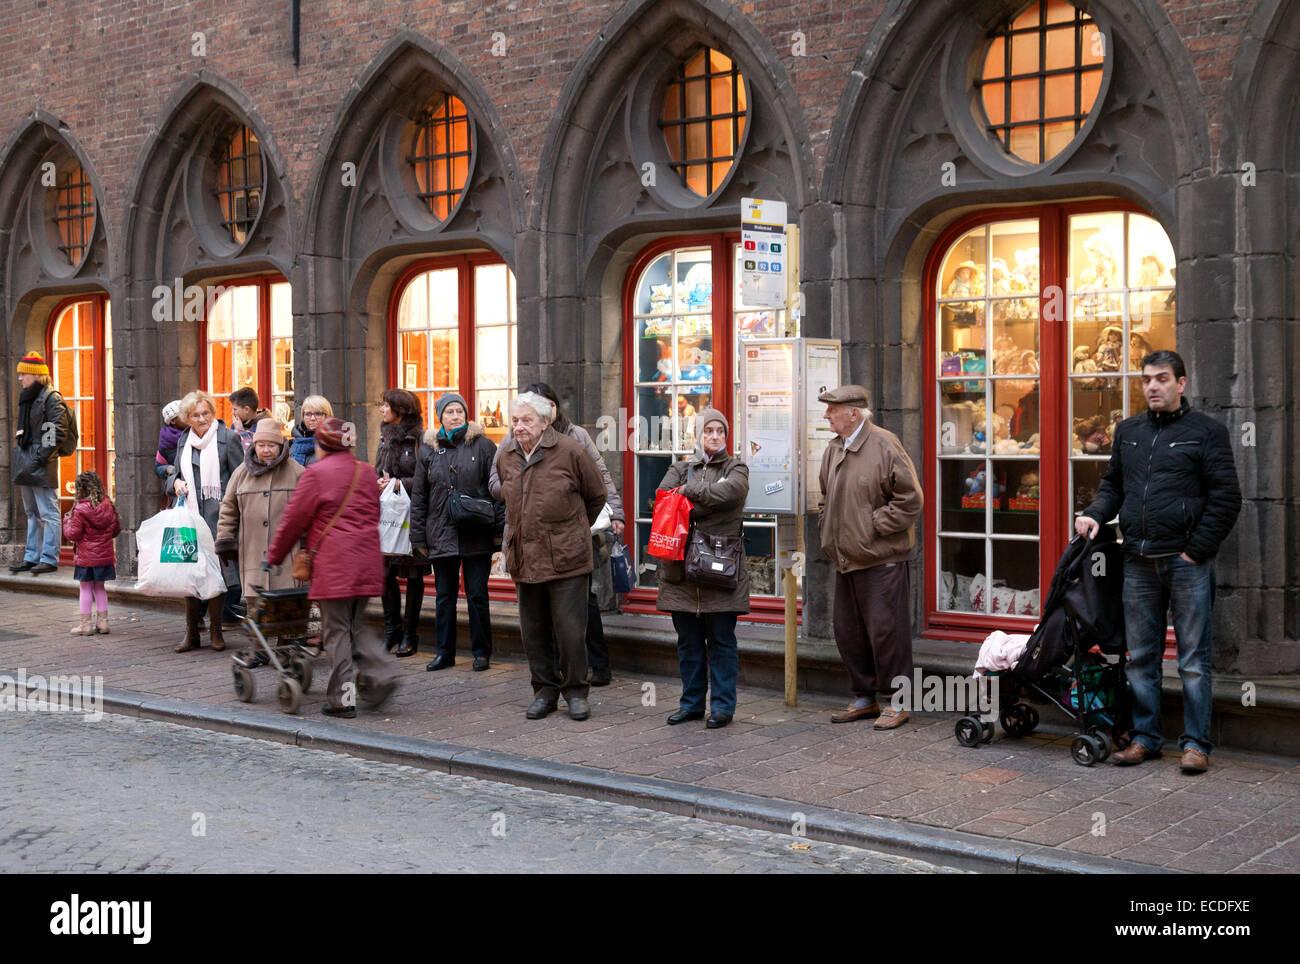 Peuple belge debout à une file d'attente de bus, - exemple de la vie quotidienne normale, Bruges, Belgique, Photo Stock